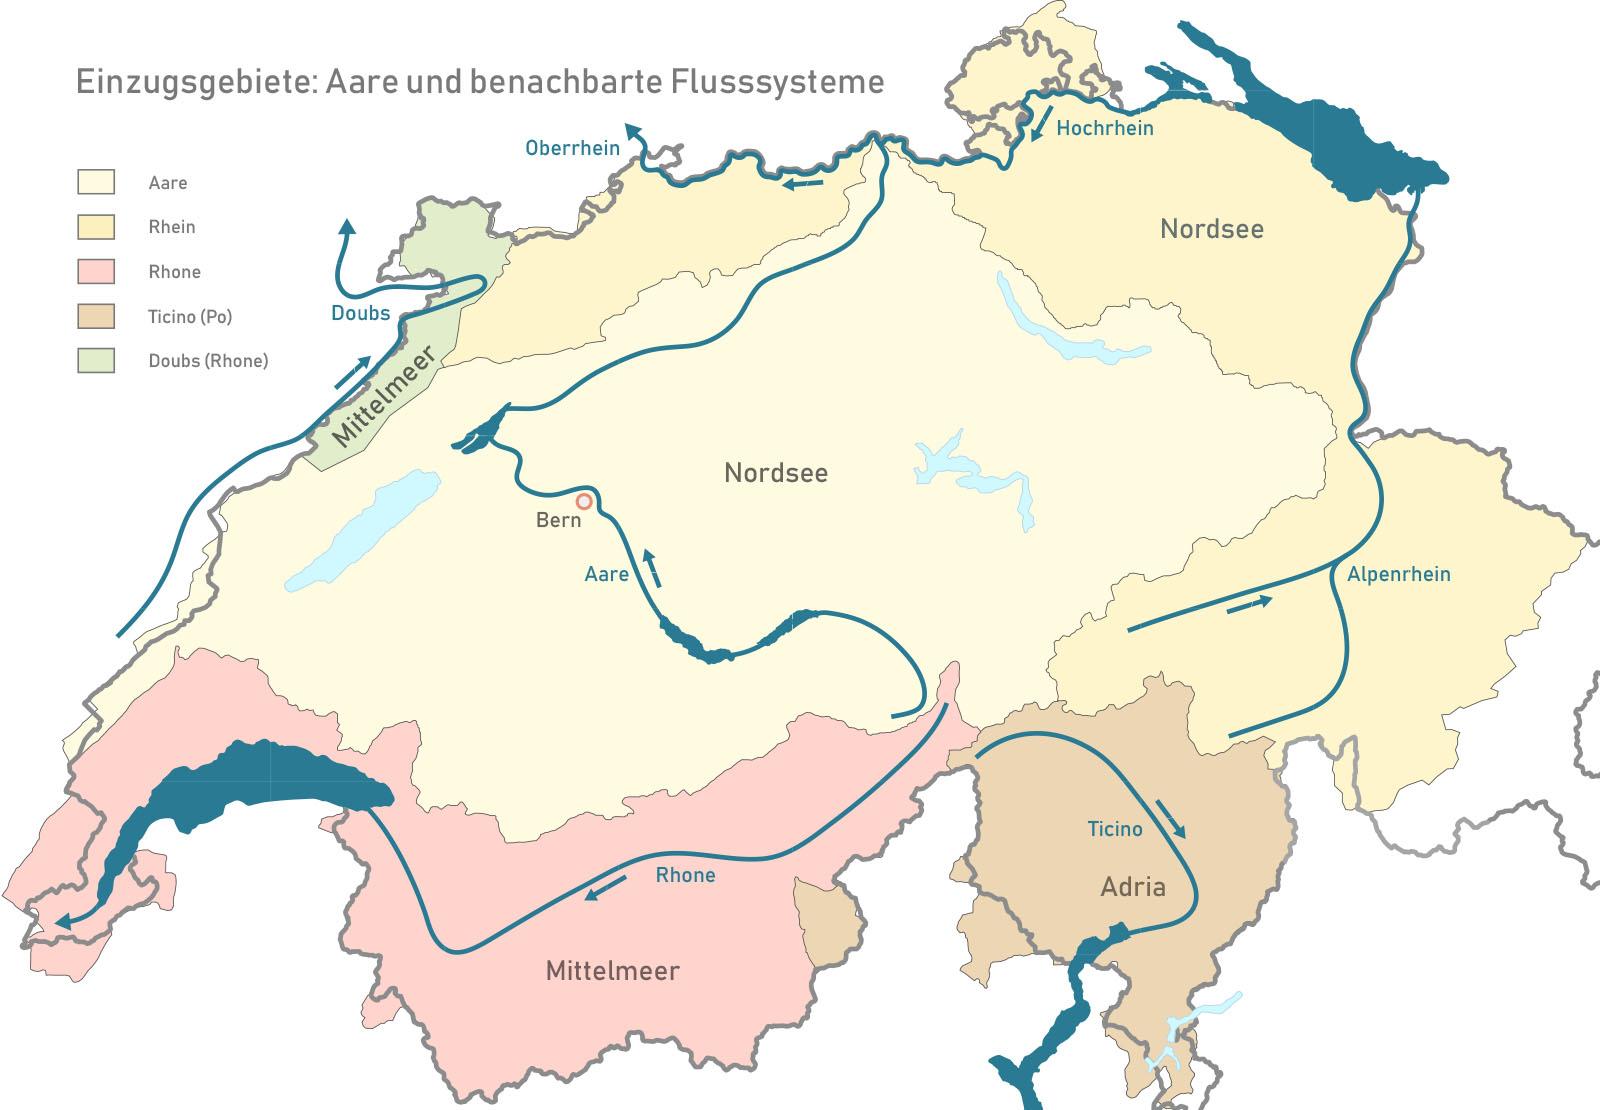 Gegenwärtige Einzugsgebiete der Aare und benachbarter Flusssysteme